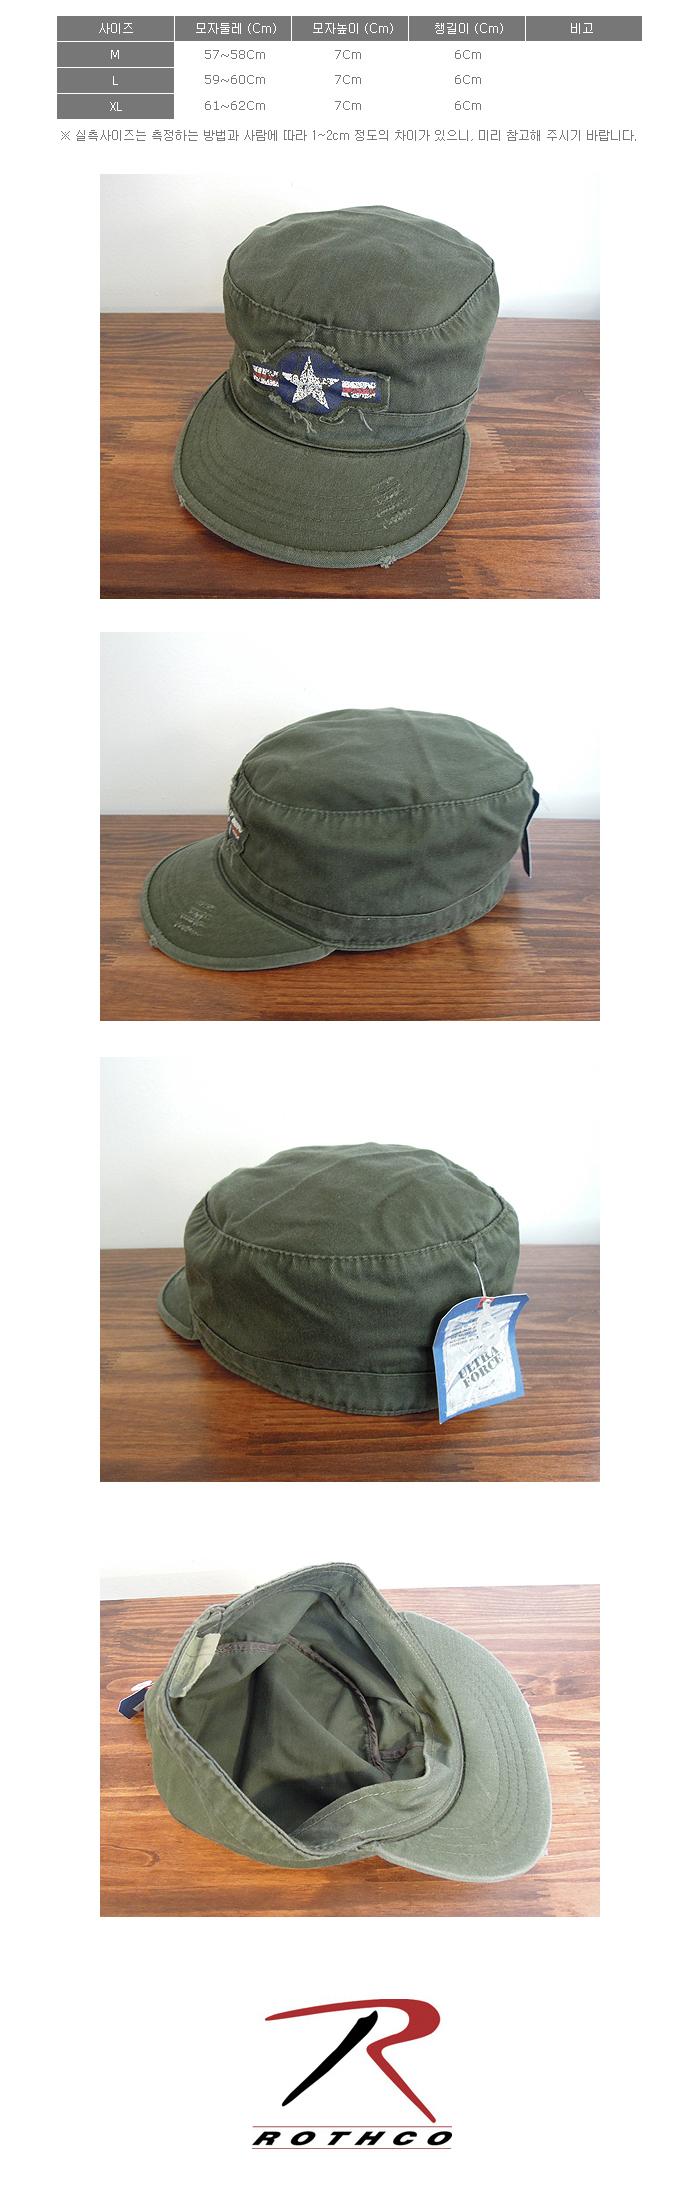 로스코(ROTHCO) VINTAGE OLIVE AIR CORP FATIGUE CAP